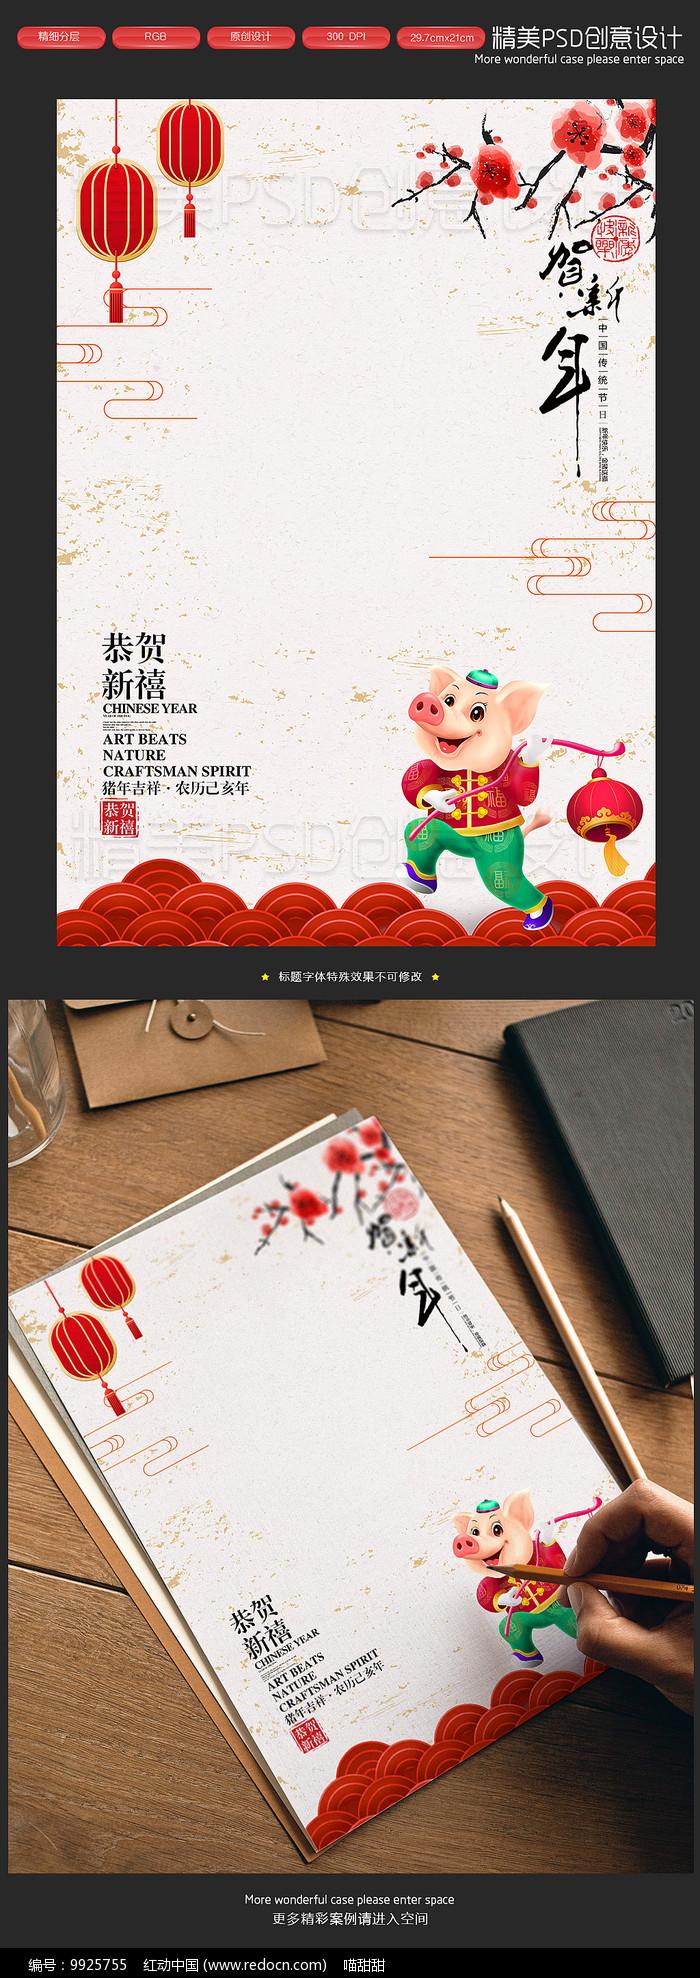 2019年祝福贺卡信纸图片